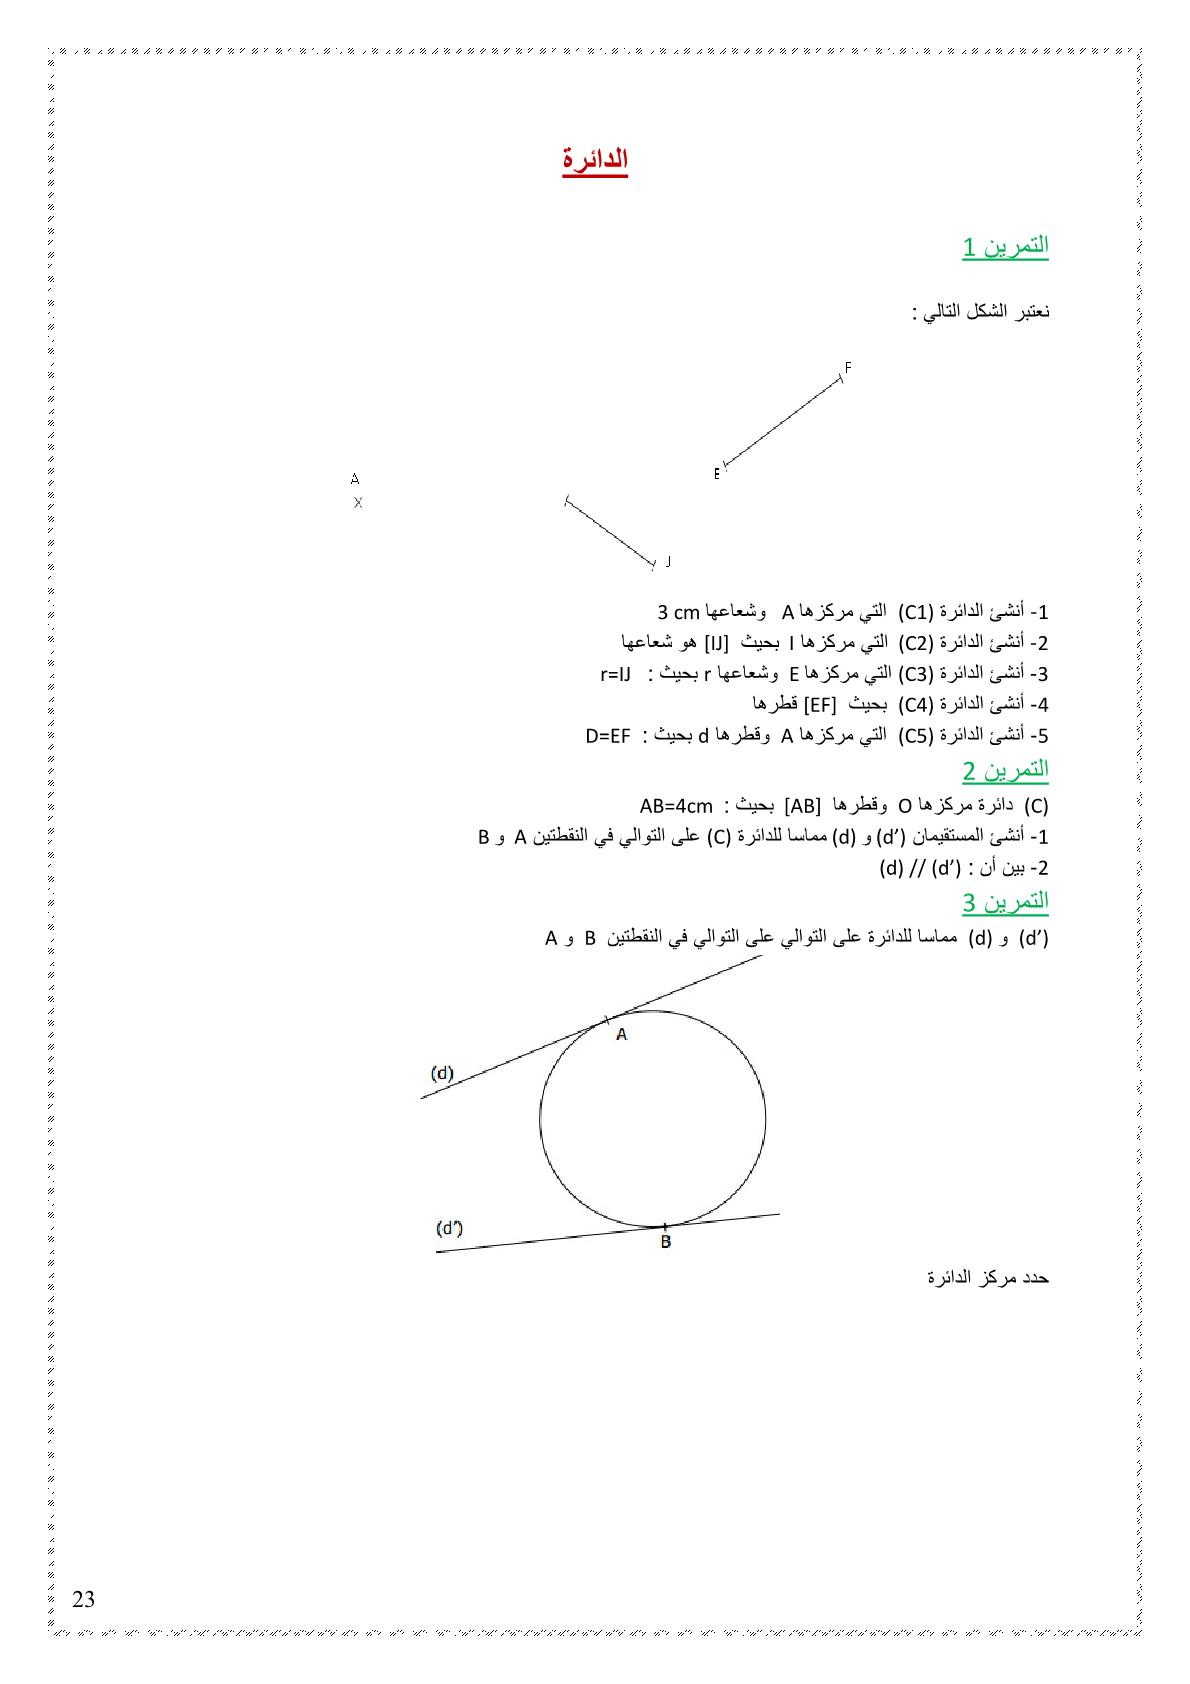 تمارين الدائرة مادة الرياضيات للسنة الاولى اعدادي